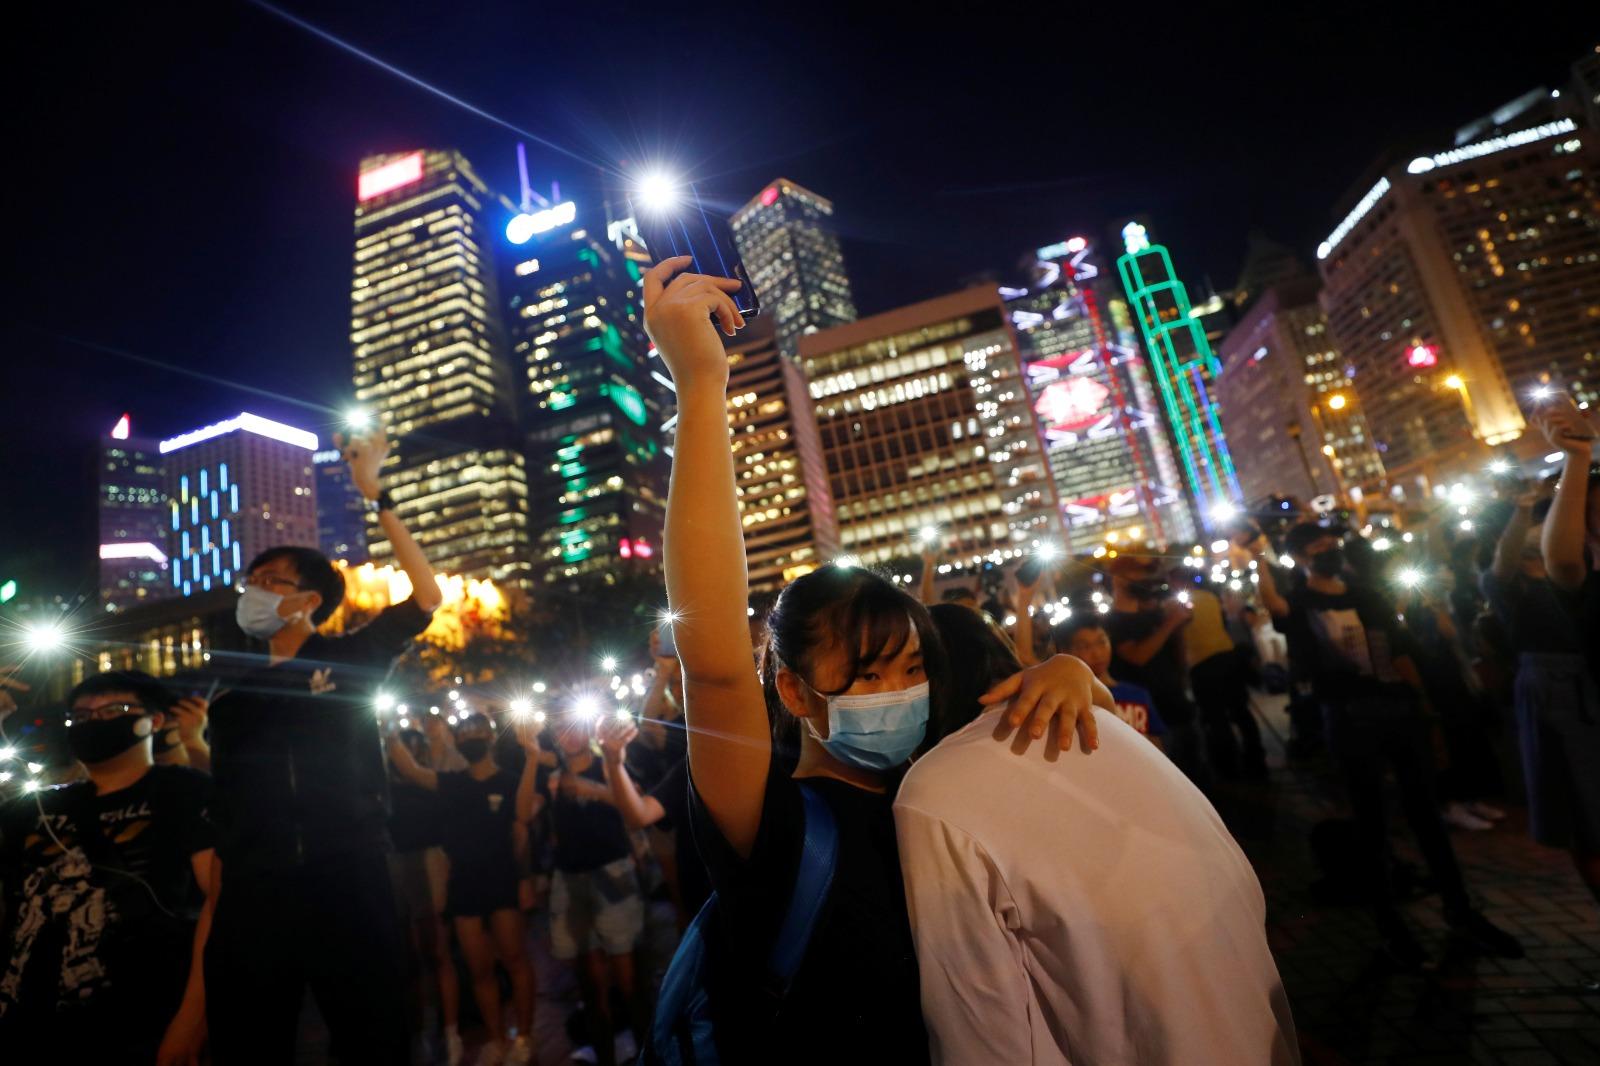 根据香港大学医学院的研究,去年9月到11月,反送中运动最激烈的时期,每五个香港人,就有一个疑似患有忧鬱症或创伤后压力症(PTSD),远高于2014年雨伞运动以后,情况几乎相等于经历大型灾难、武装冲突或恐怖袭击后。(路透社图片)